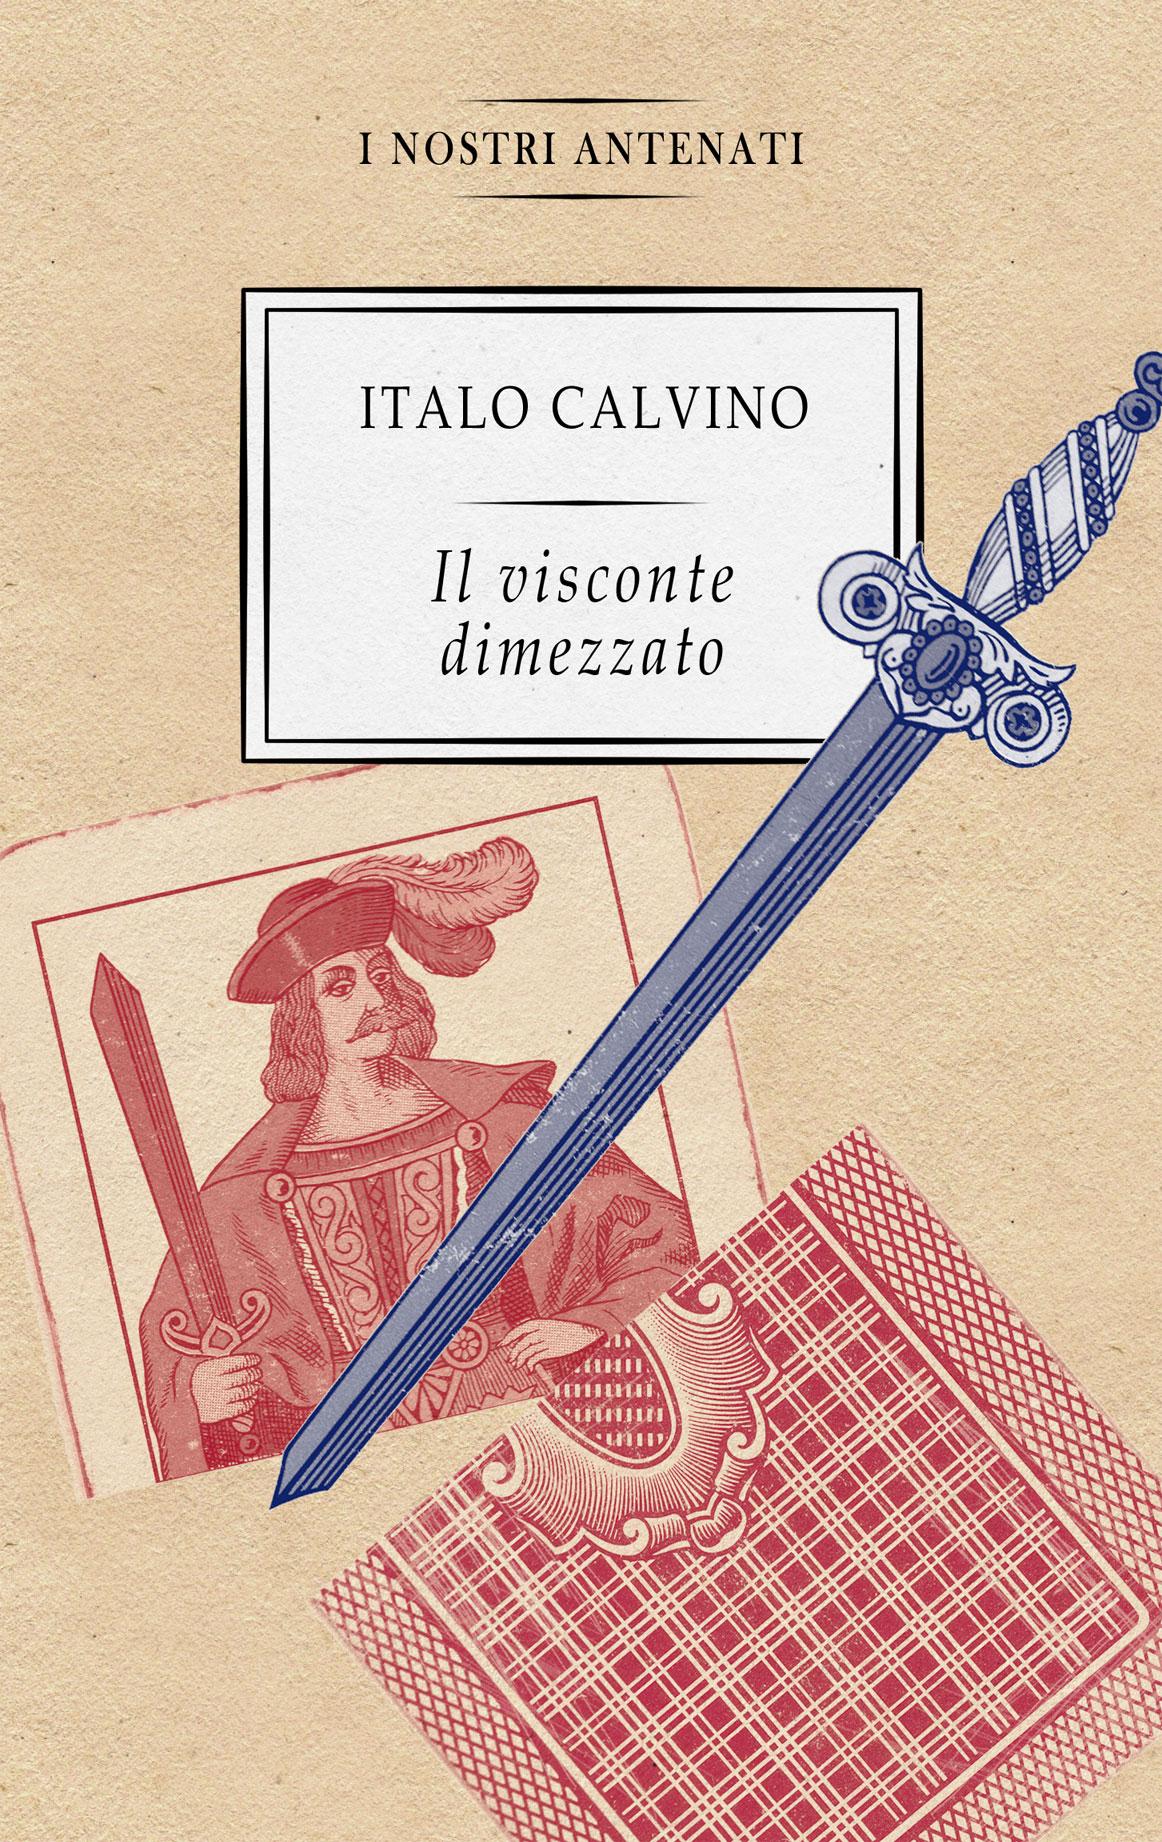 Italo Calvino - Il visconte dimezzato